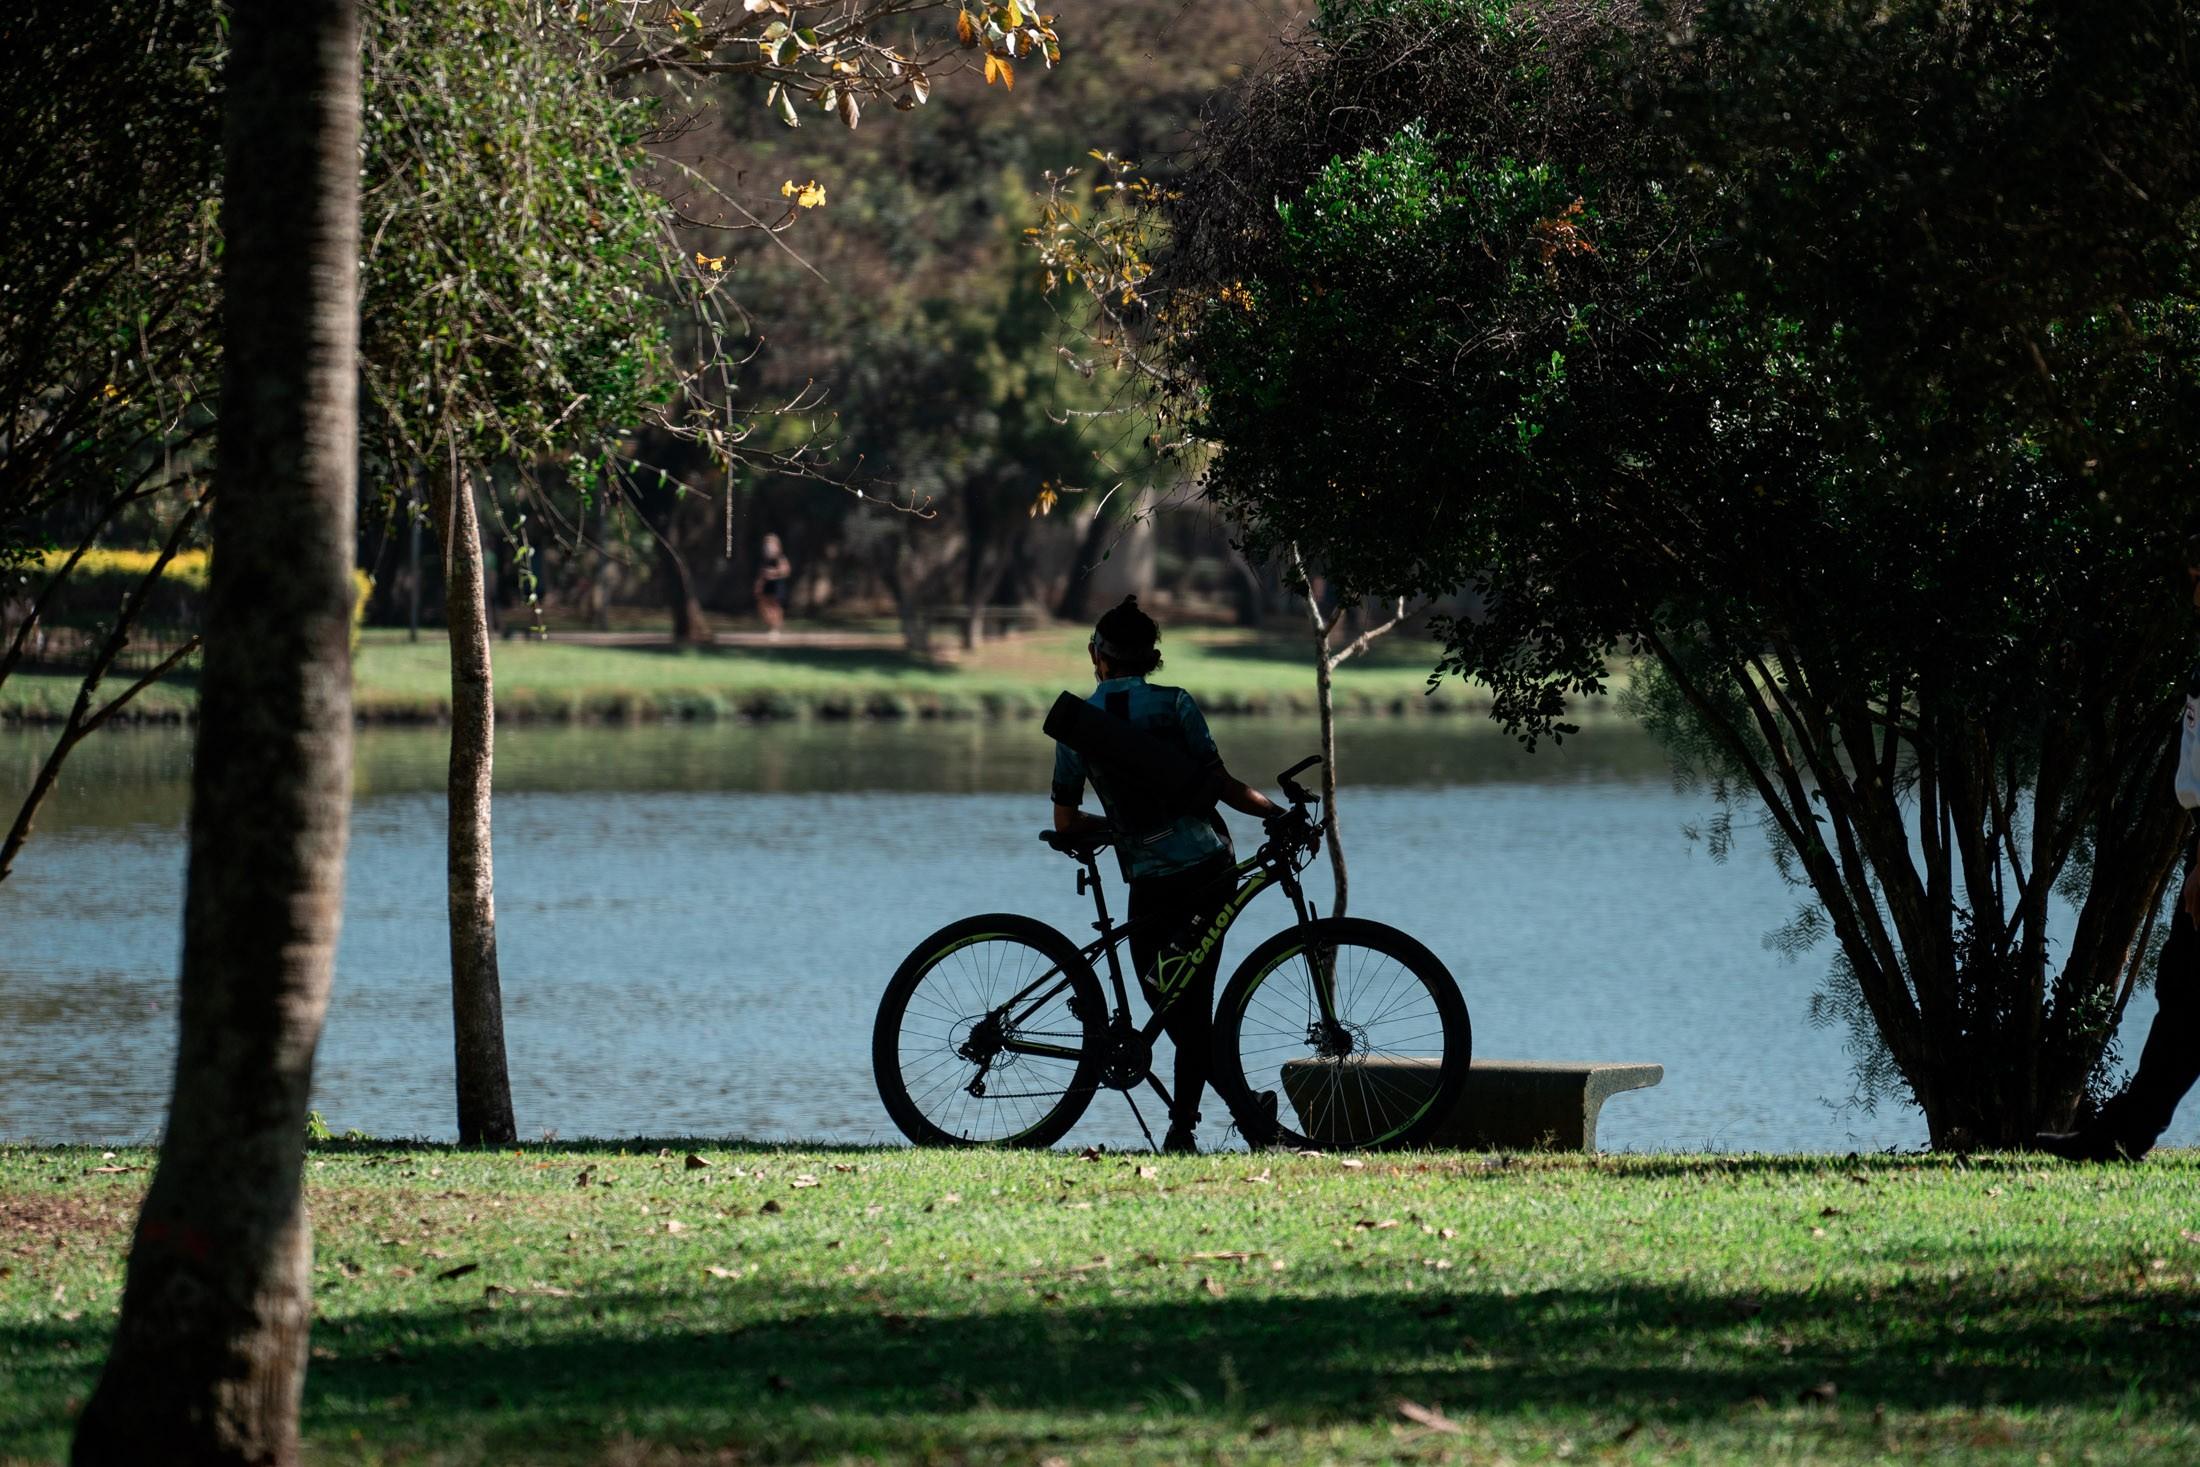 Parques municipais de SP voltam a funcionar aos finais de semana a partir do próximo sábado